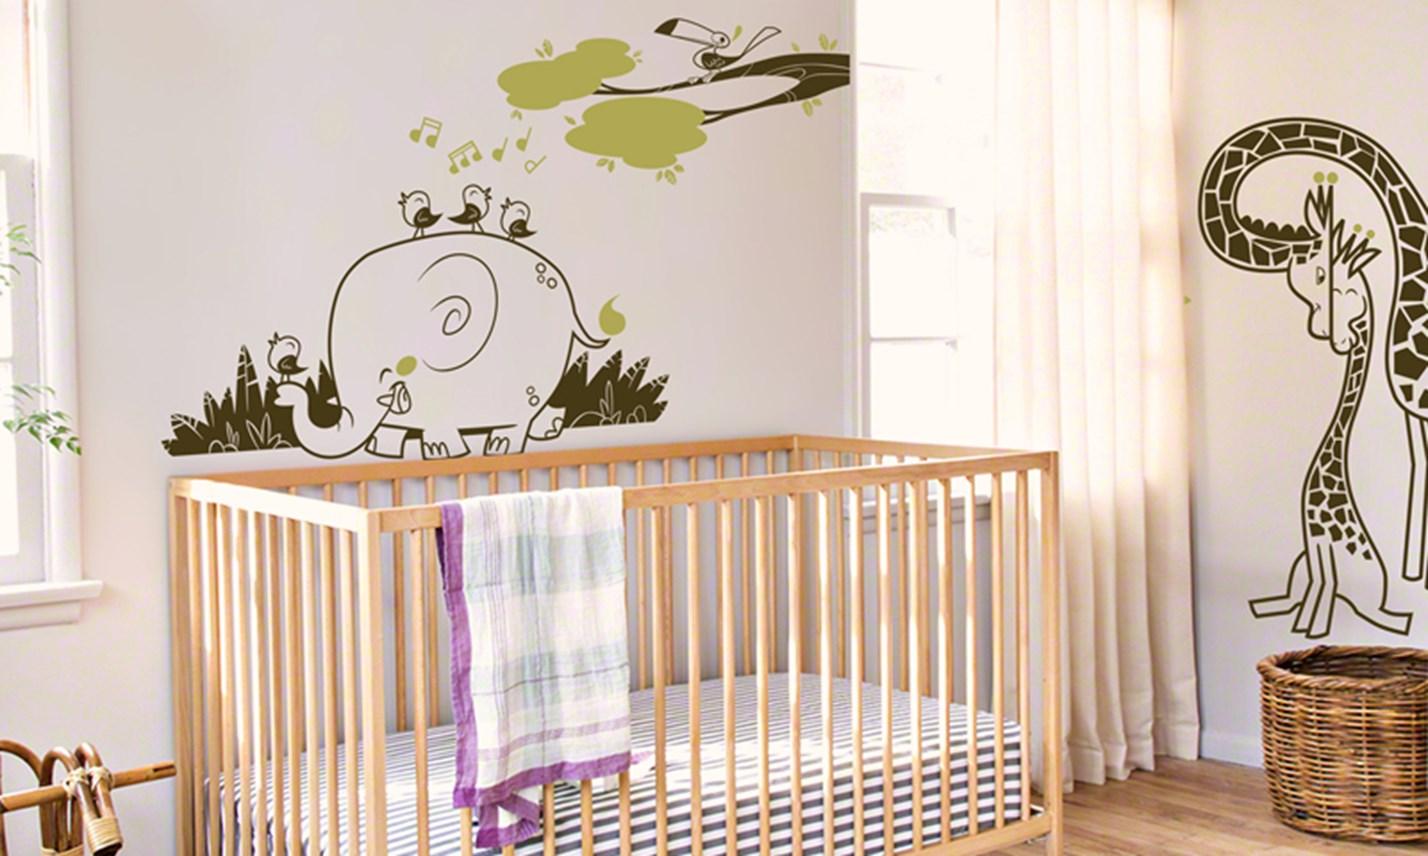 Il Parco Delle Camerette stickers murali bambini - cameretta avventura nella savana